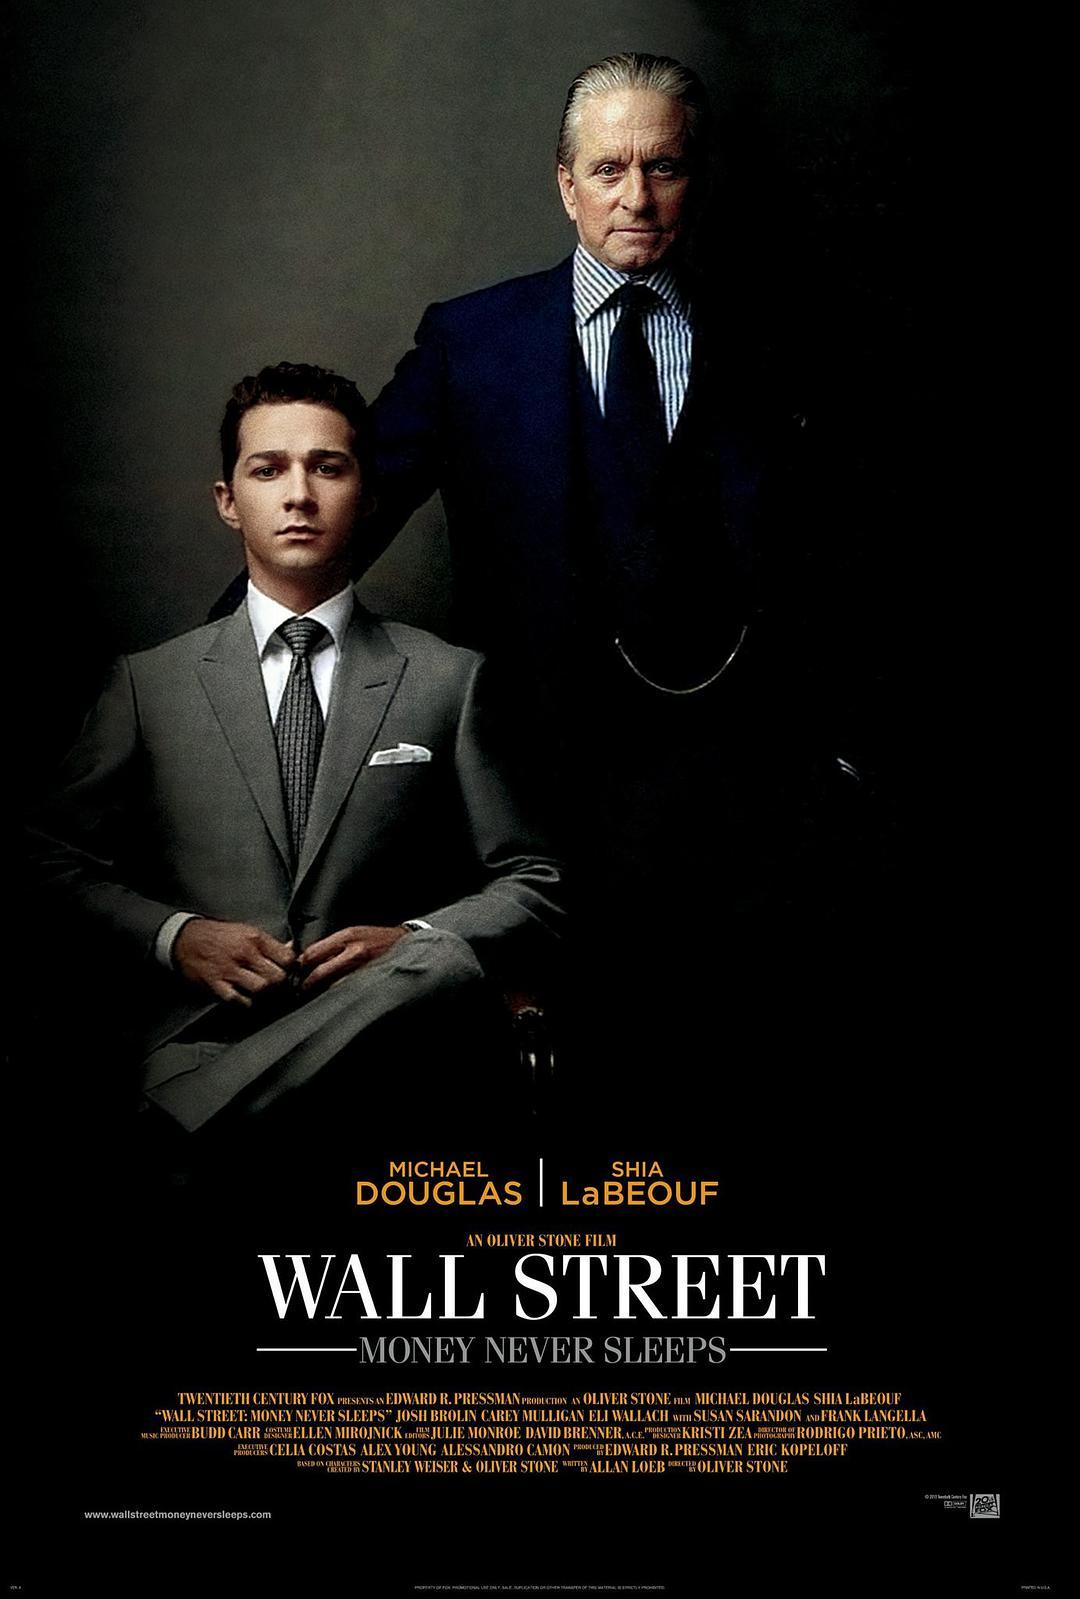 华尔街2(金钱永不眠)